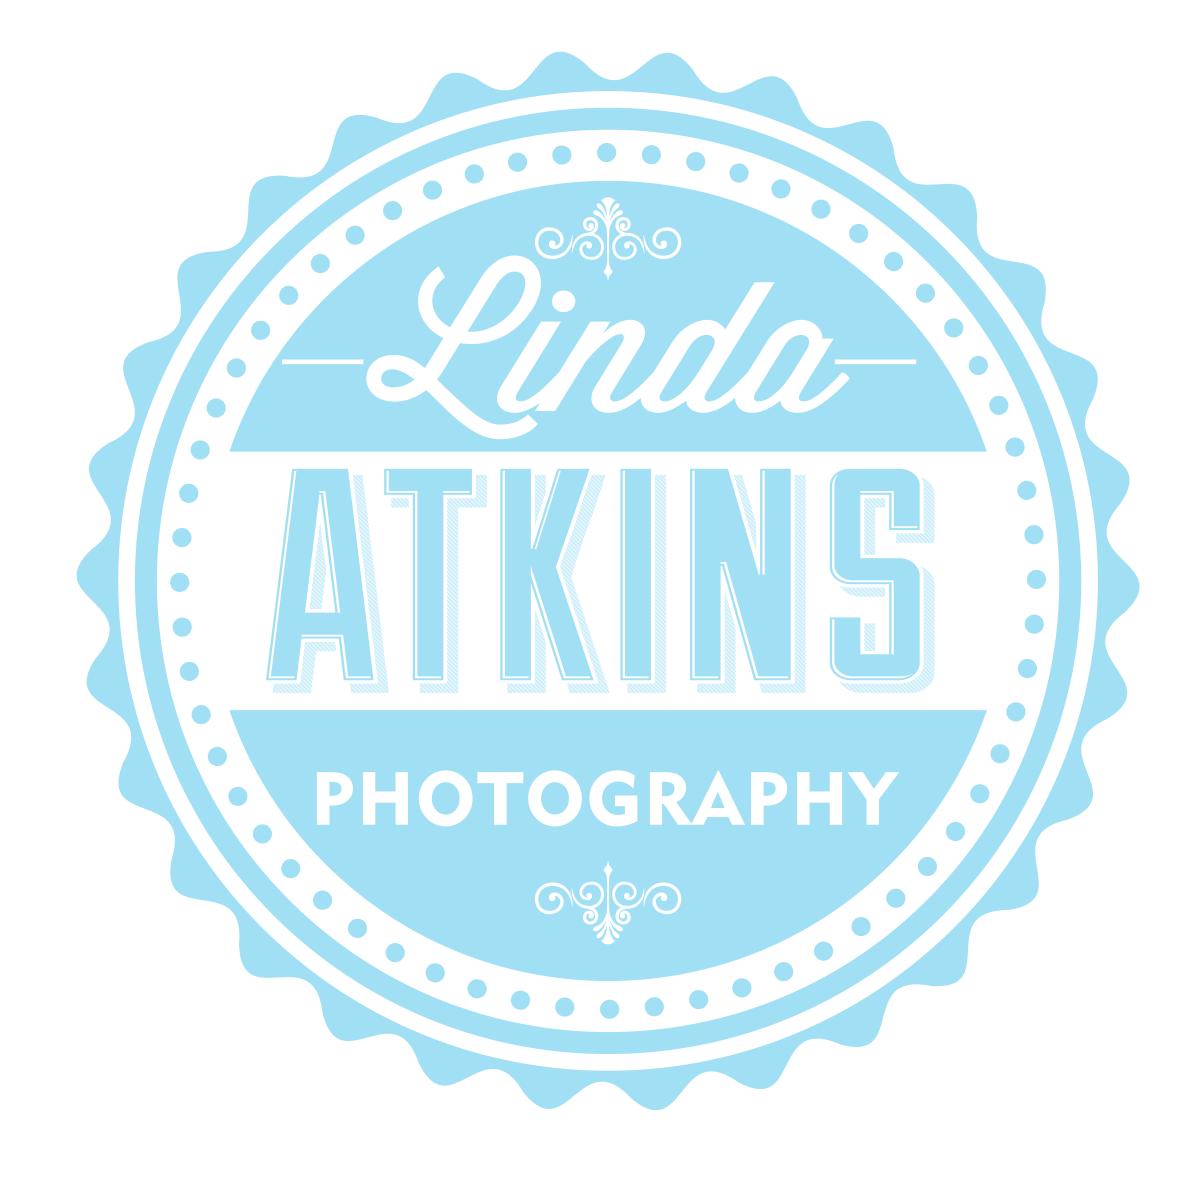 Linda Atkins Photography